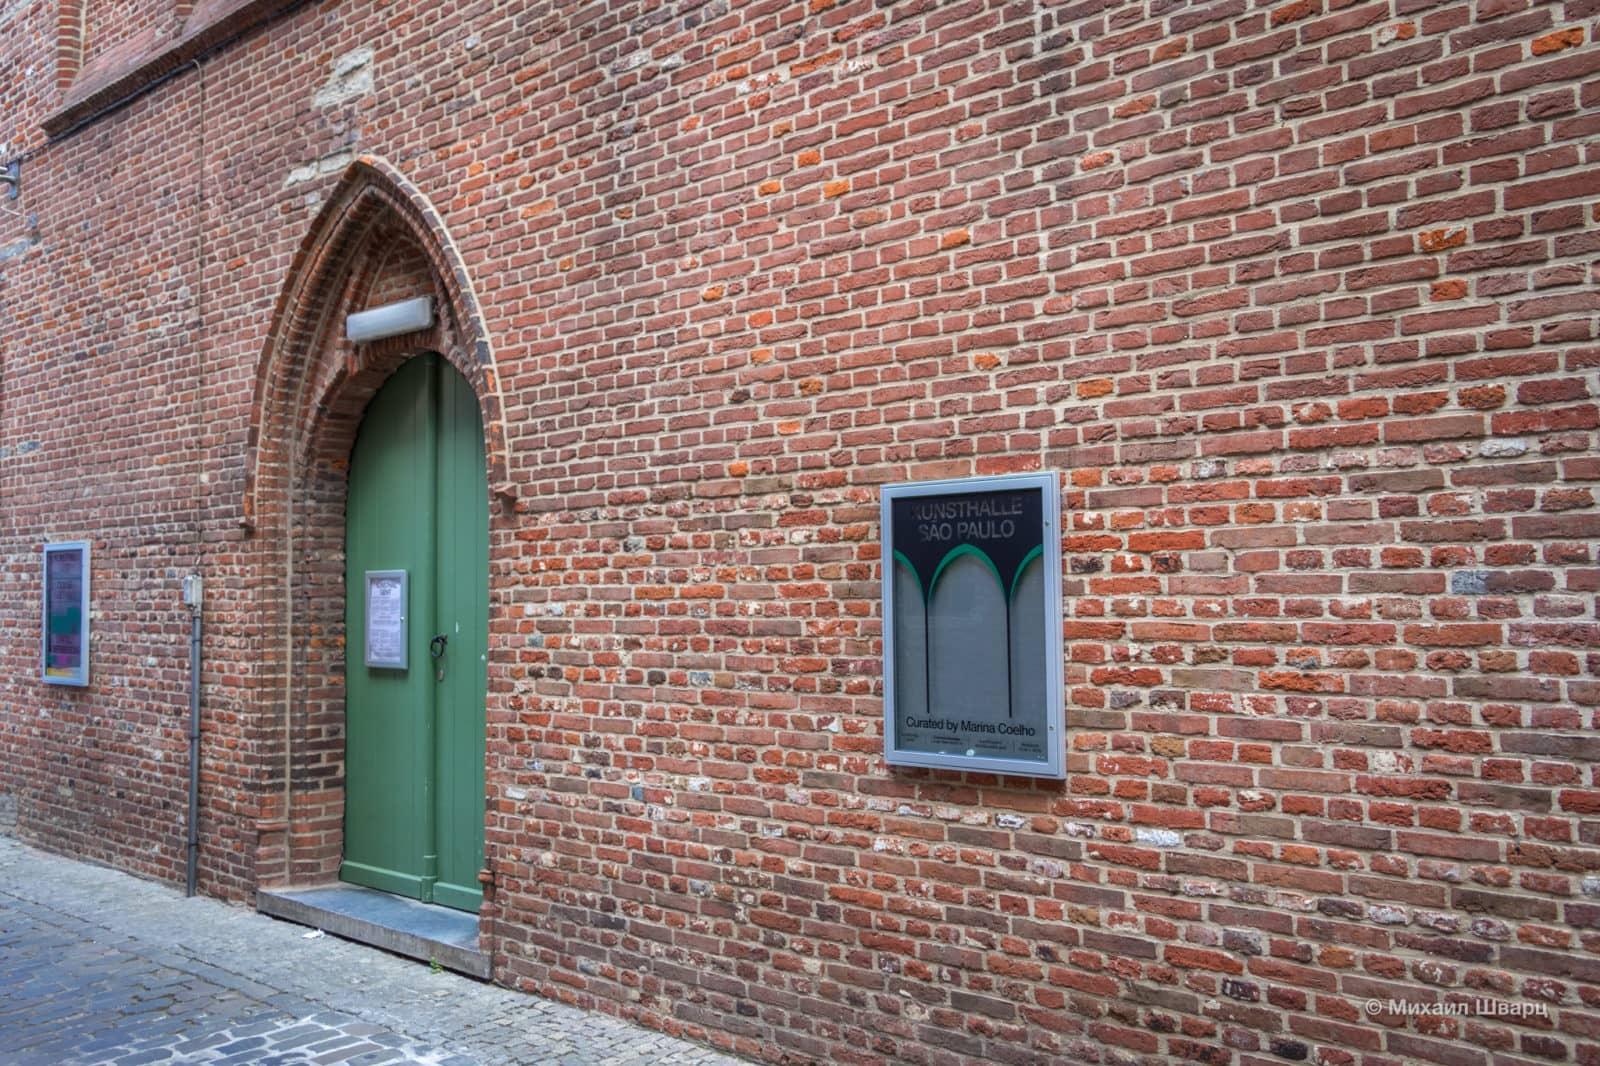 Вход в в выставочный зал (Kunsthal)